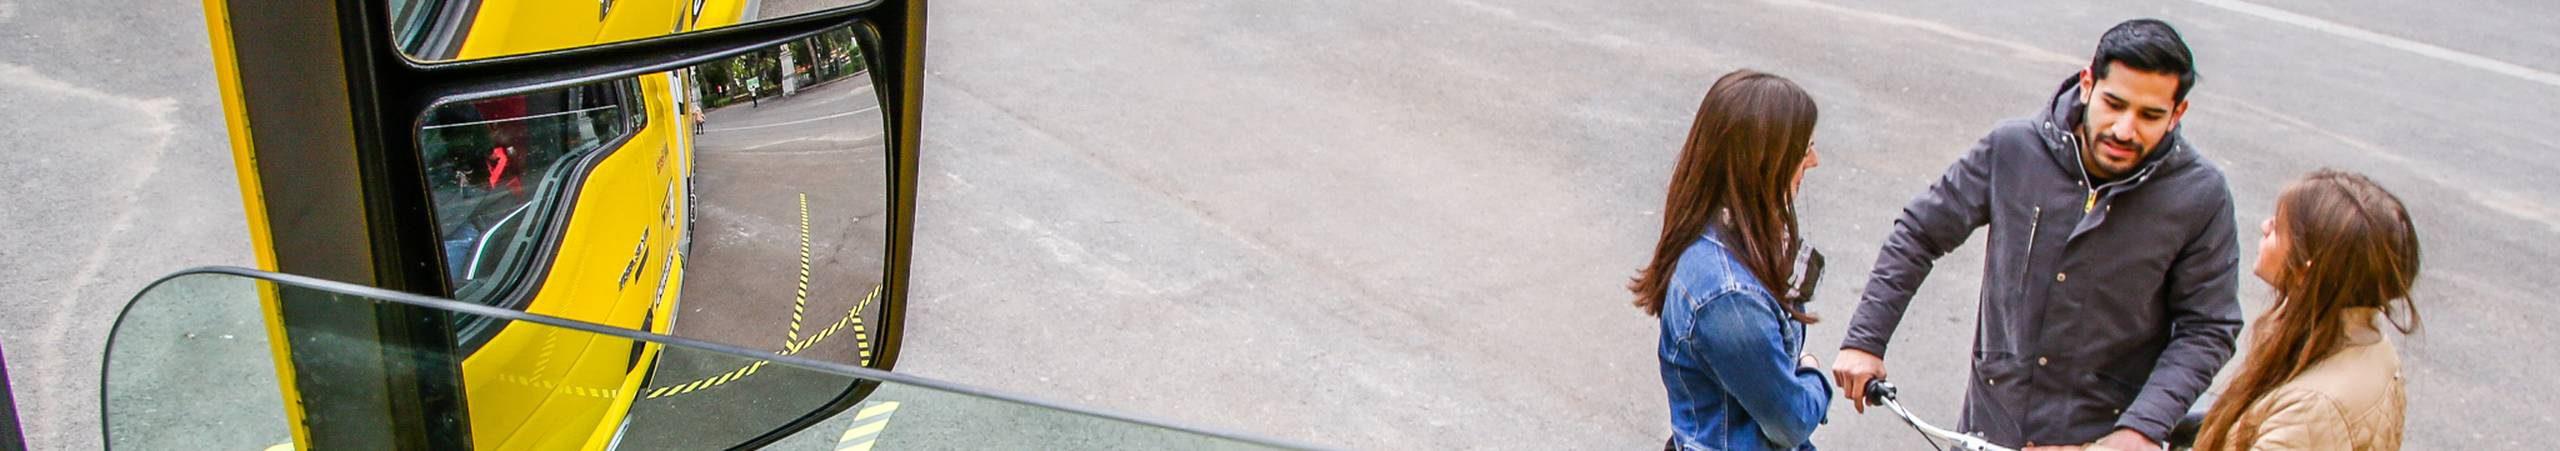 Der Tote Winkel ist der Bereich in dem Menschen aus dem Führerhaus eines Lkw hinaus nicht zu sehen sind. Trotz Spiegel.